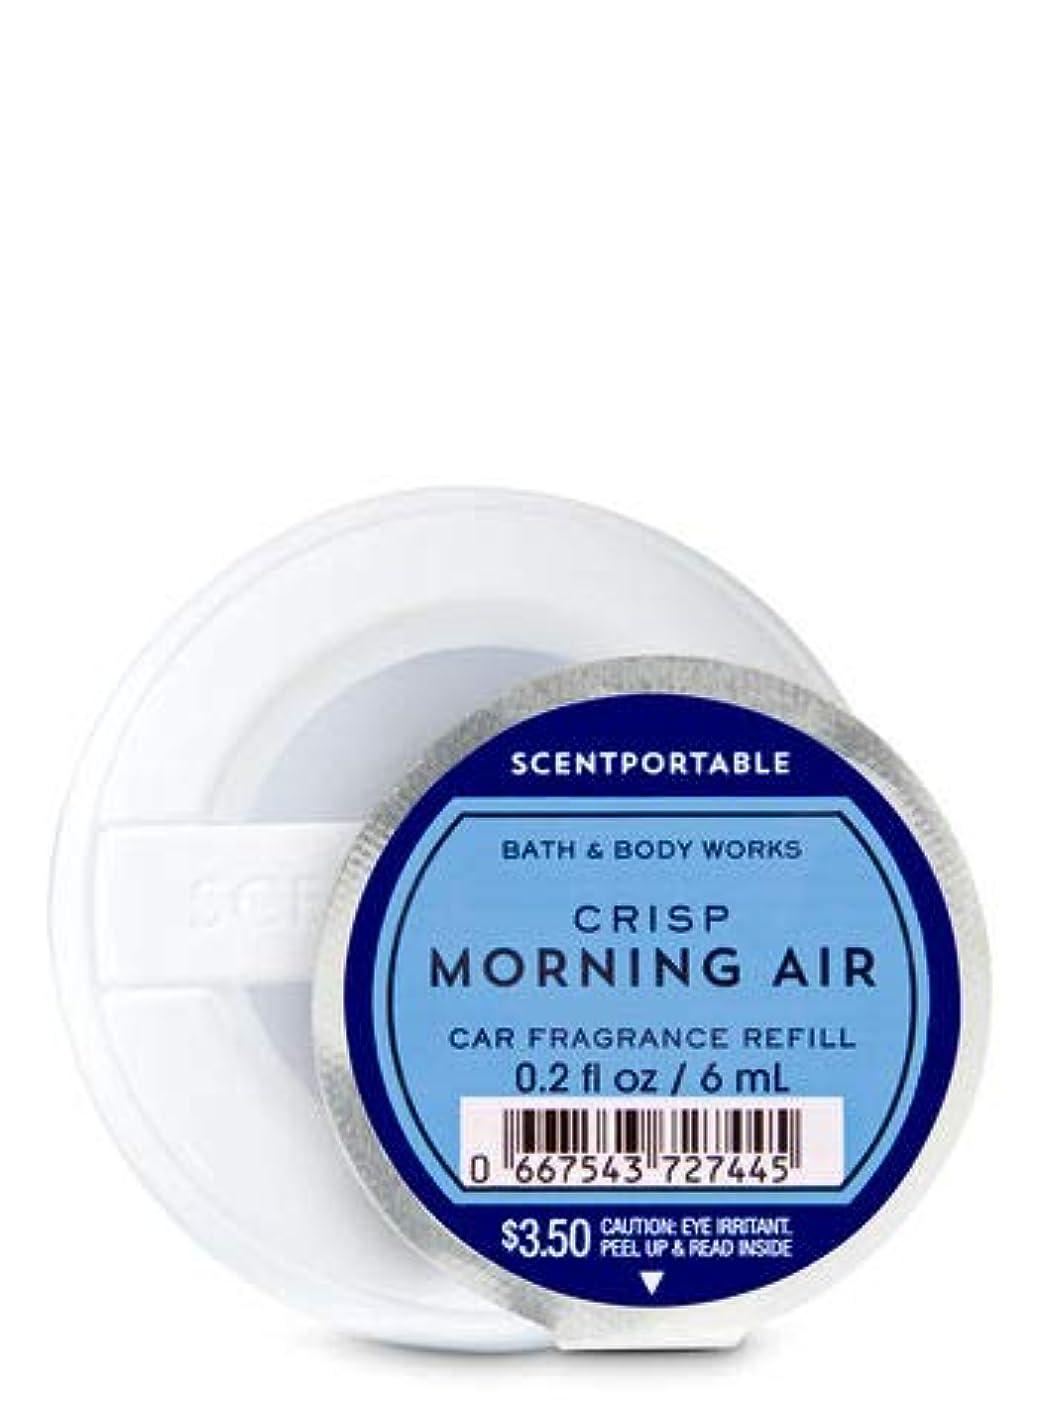 アーティキュレーション種フォーマル【Bath&Body Works/バス&ボディワークス】 クリップ式芳香剤 セントポータブル詰替えリフィル クリスプモーニングエアー Scentportable Fragrance Refill Crisp Morning Air [並行輸入品]